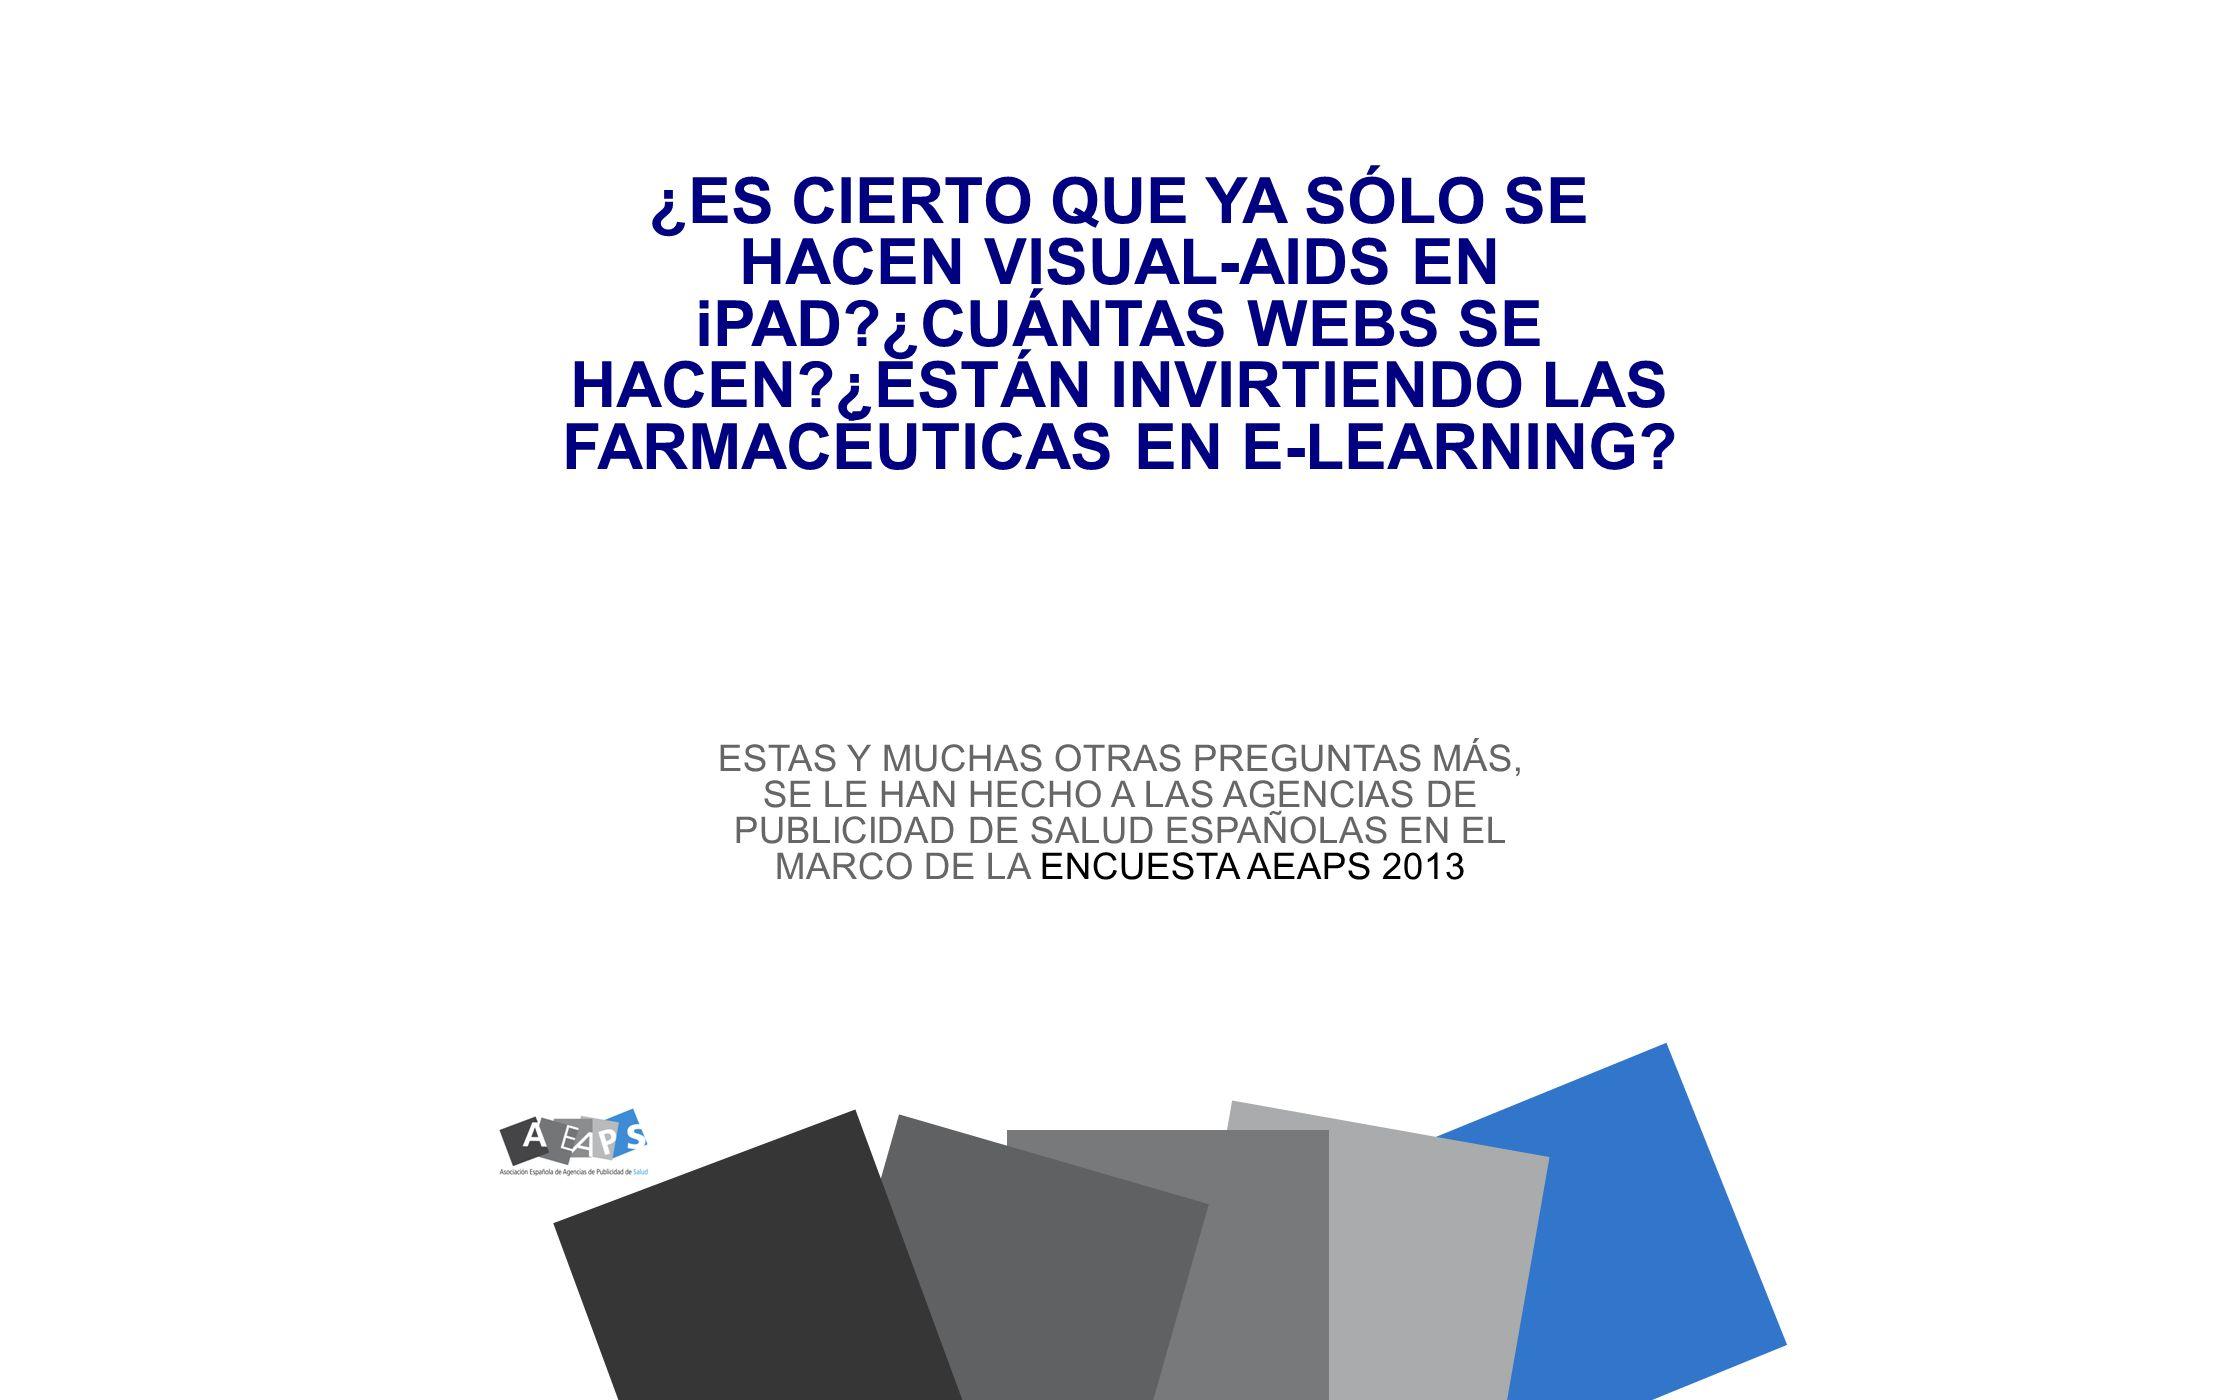 DATOS DE LA ENCUESTA ENCUESTA REALIZADA MEDIANTE CUESTIONARIO ONLINE, SOBRE UNA MUESTRA DE 19 AGENCIAS ESPECIALIZADAS DEL SECTOR DE PUBLICIDAD DE SALUD EN MADRID Y BARCELONA, EN MAYO DE 2013